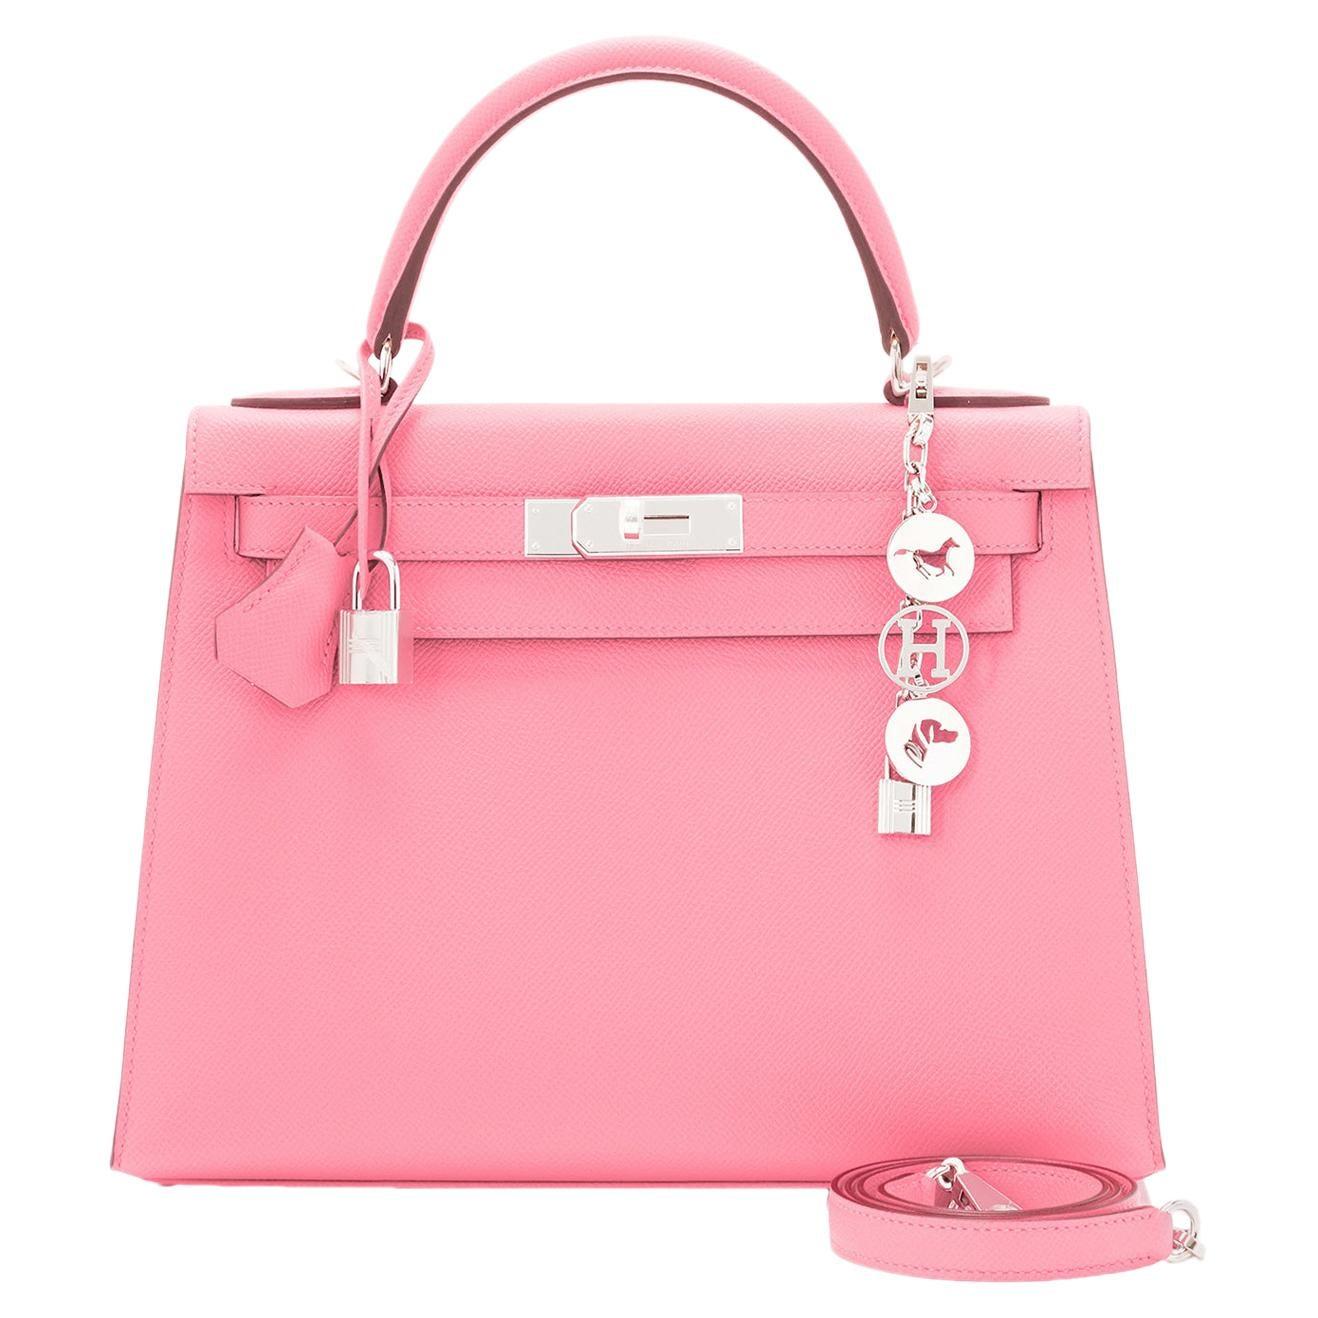 Hermes Kelly 28cm Rose Confetti Pink Sellier Shoulder Bag Y Stamp, 2020